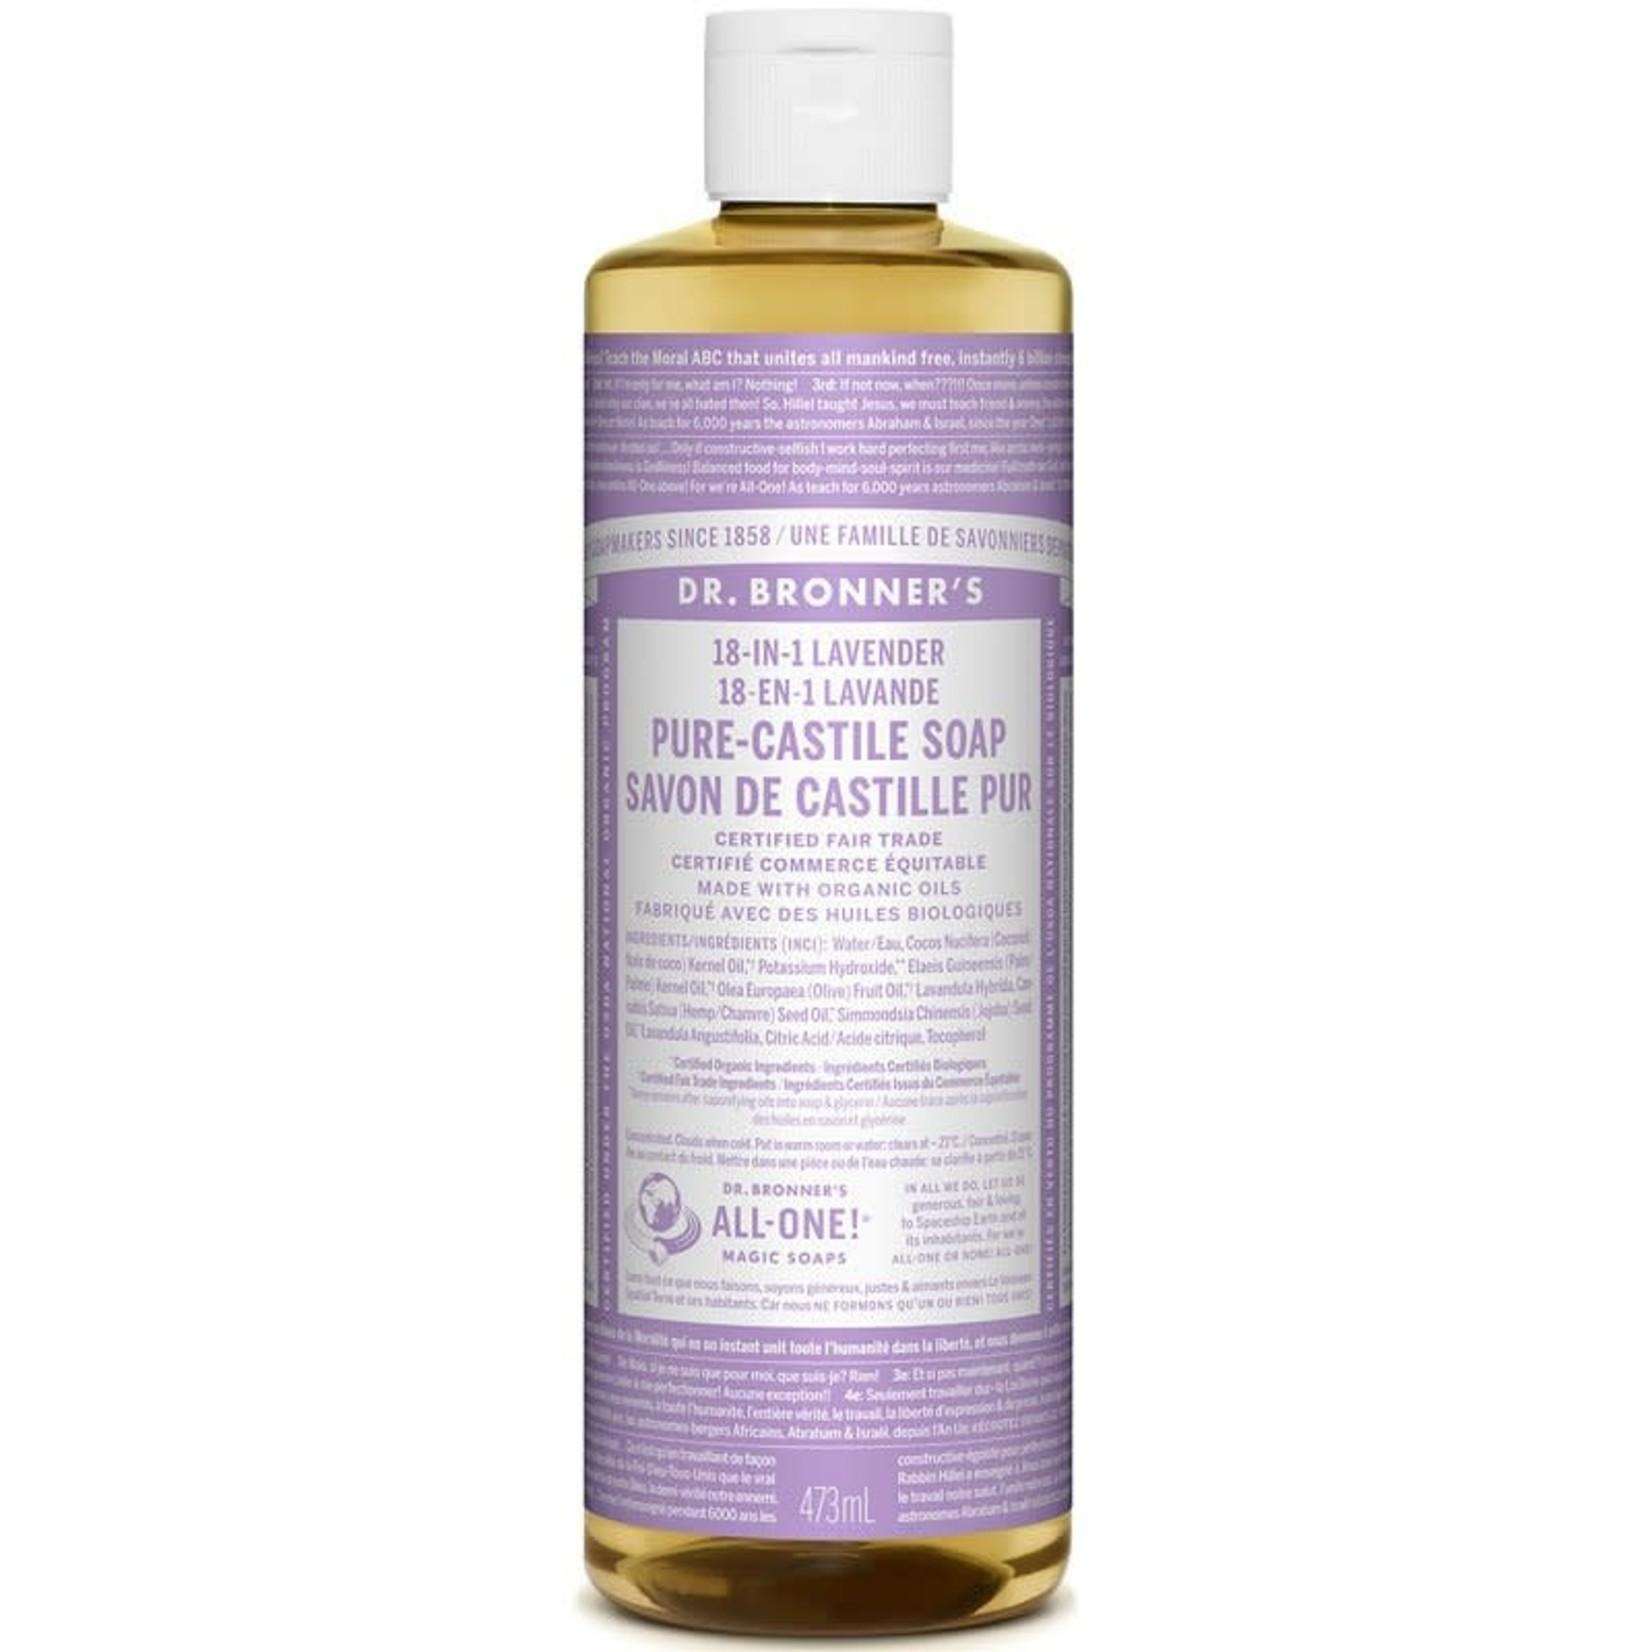 Dr. Bronner's Dr. Bronner's Lavender Castile Soap 473ml